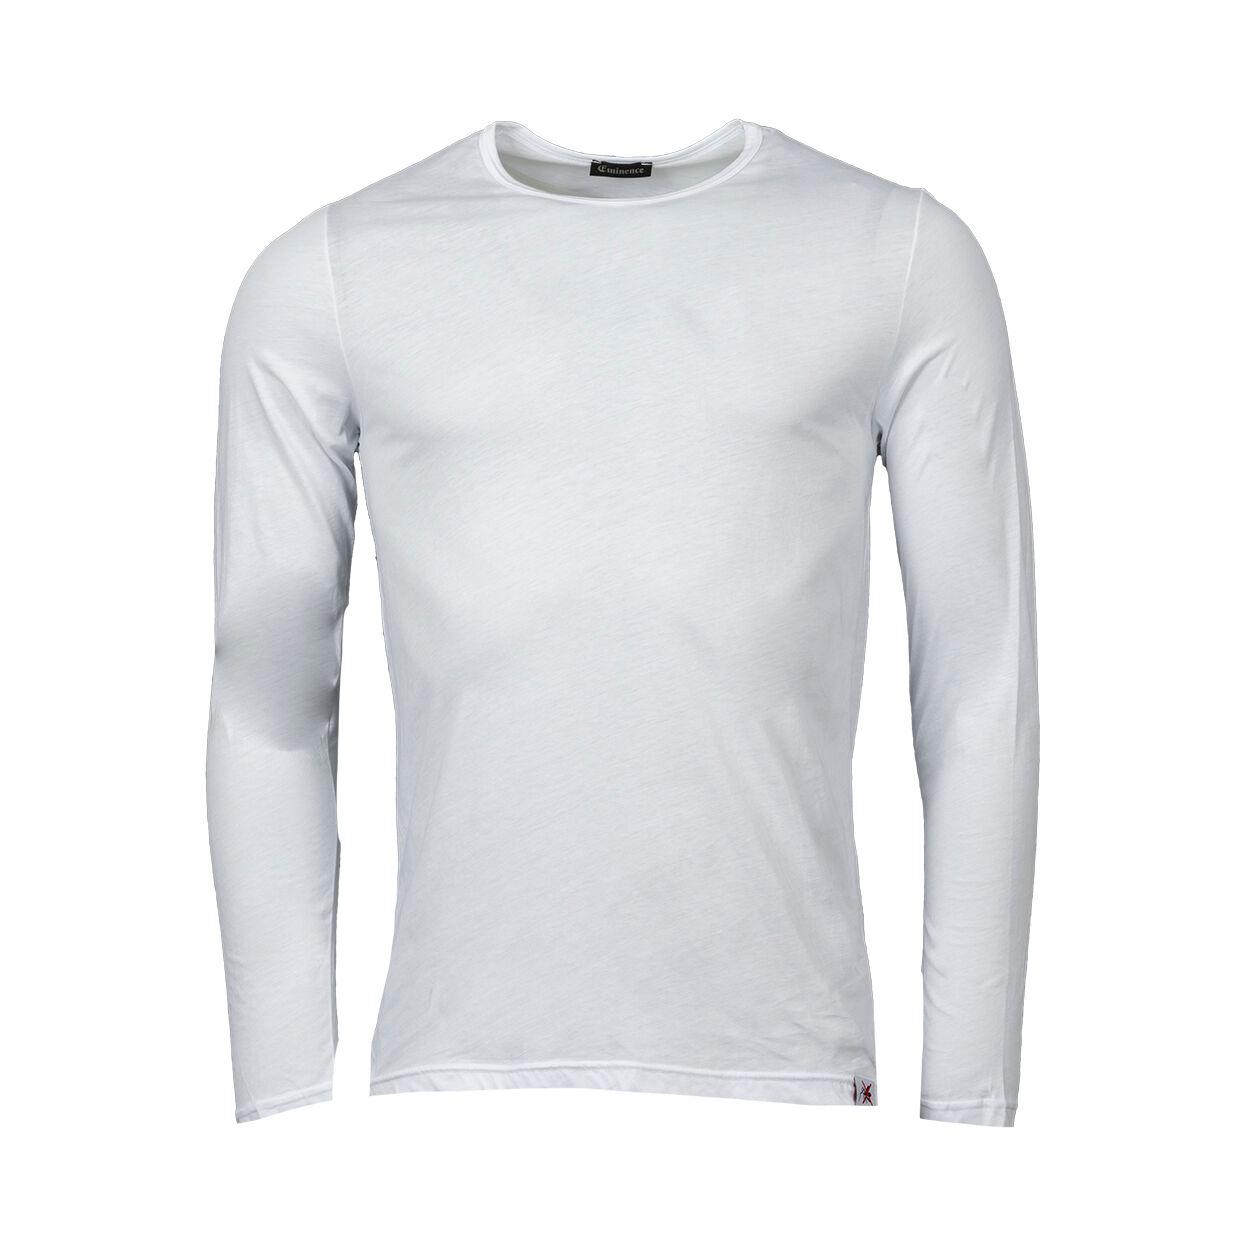 Eminence Tee-shirt anti-moustiques à col rond Eminence en coton blanc - BLANC - XXL